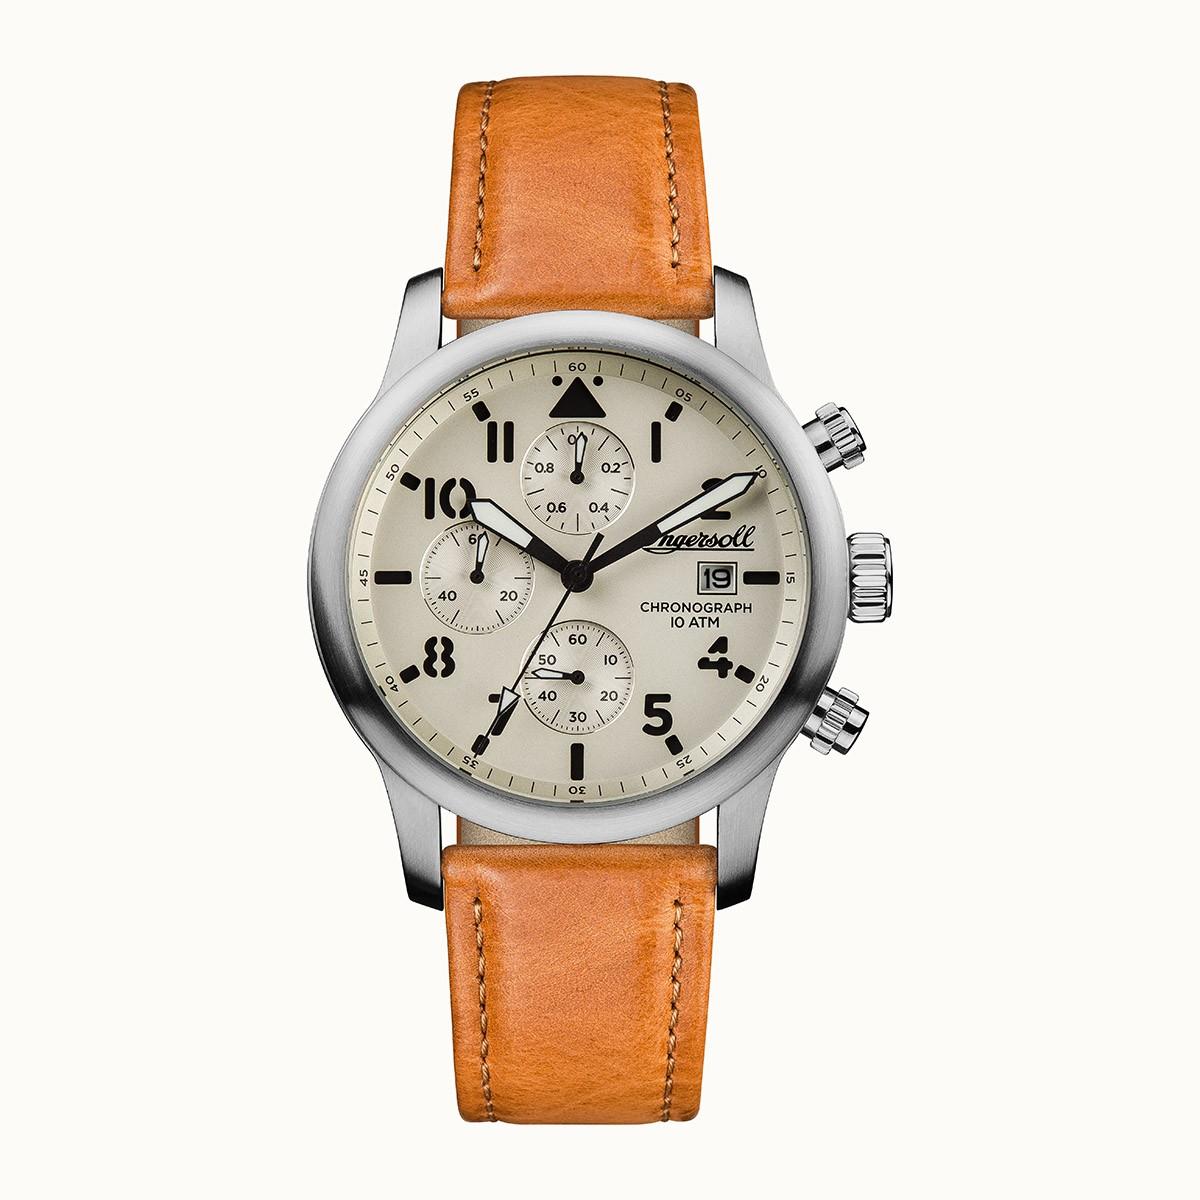 ساعت مچی عقربه ای مردانه اینگرسل مدل I01501 10